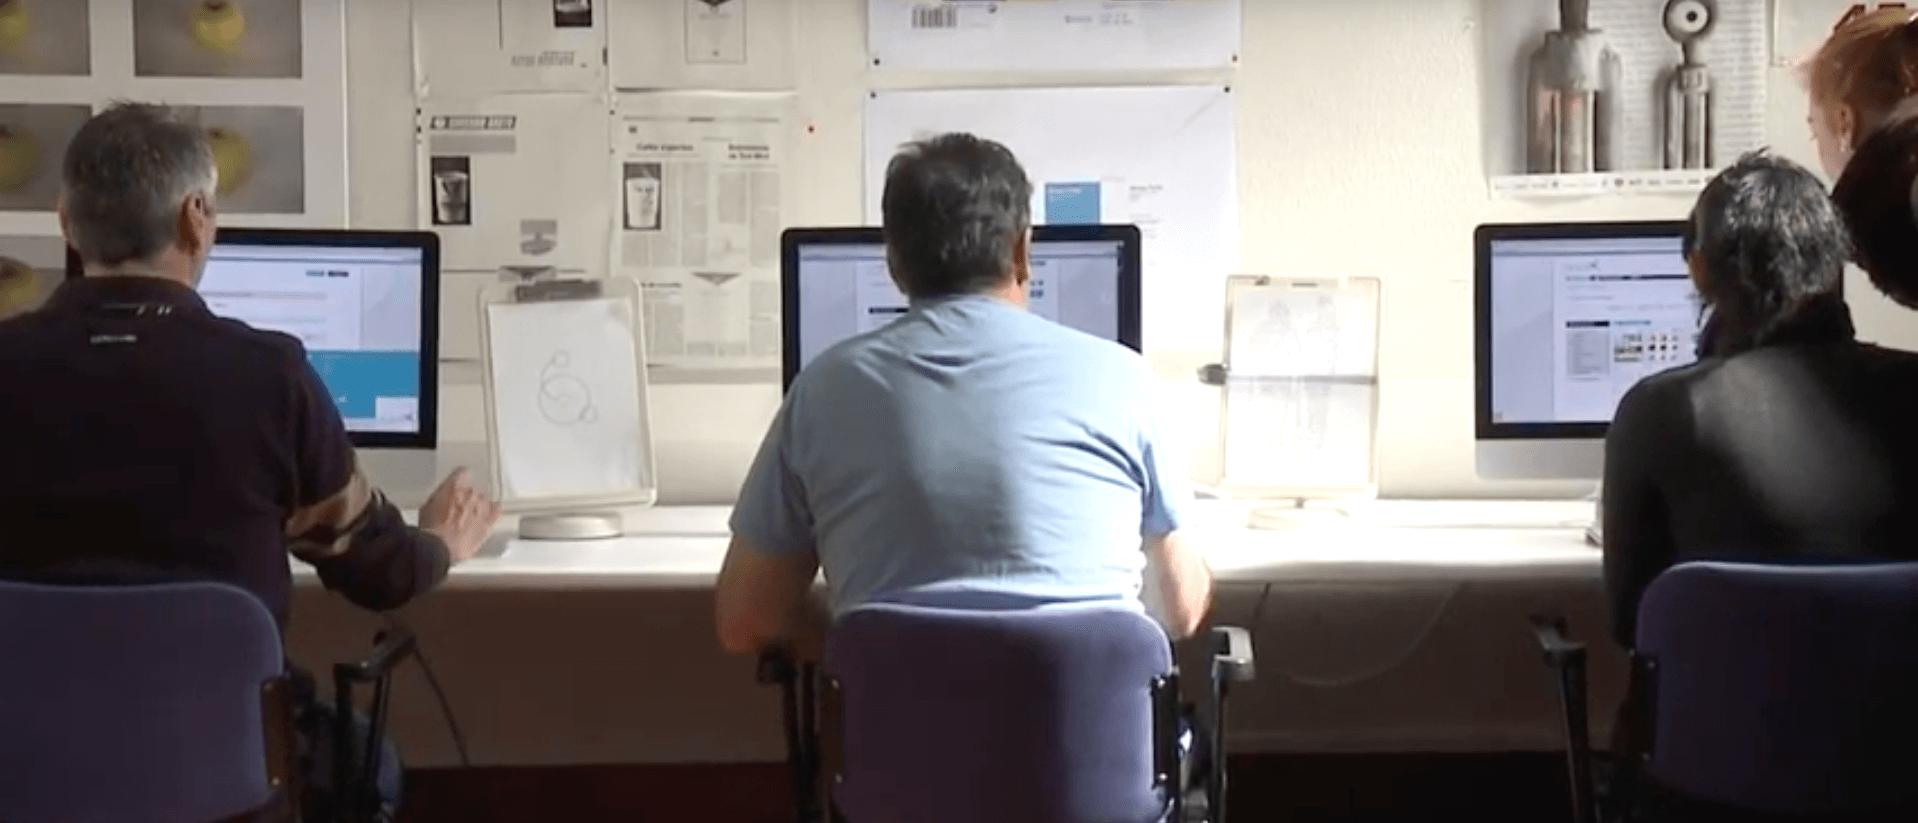 Trabajar con múltiples usuarios una sesión de NeuronUP